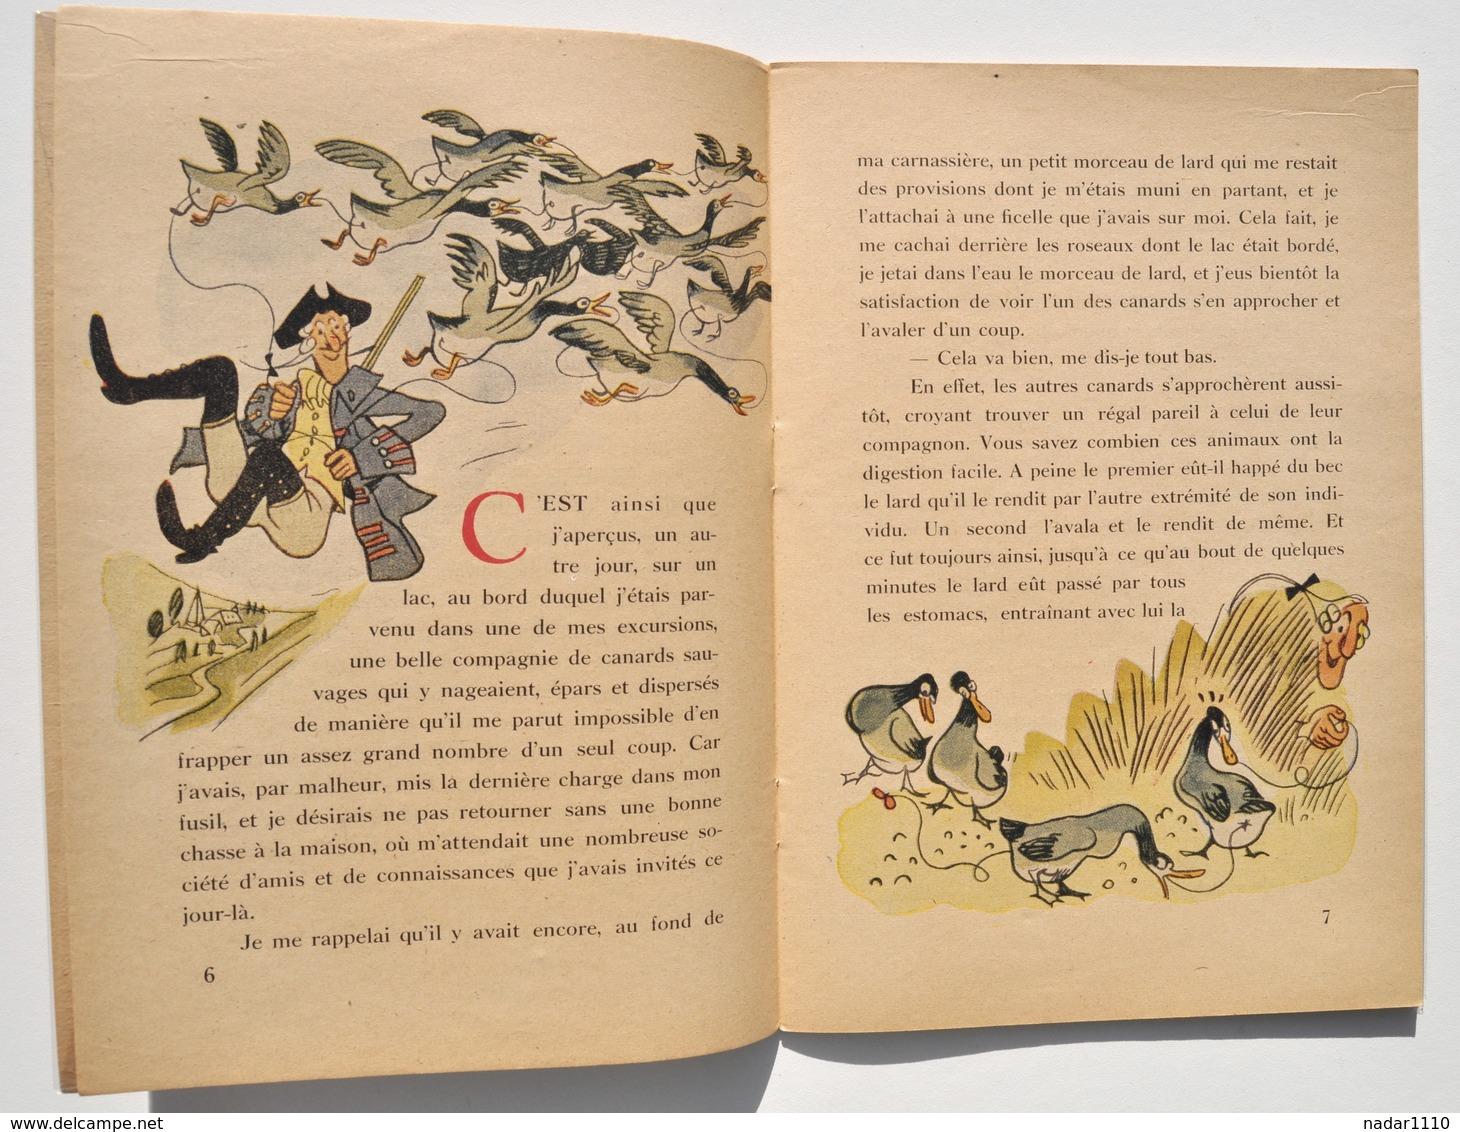 Enfantina / Les Aventures Du Baron De Crac / Münchhausen - Illustrations Van Rompaey, Gründ 1941 - Boeken Voor Kinderen